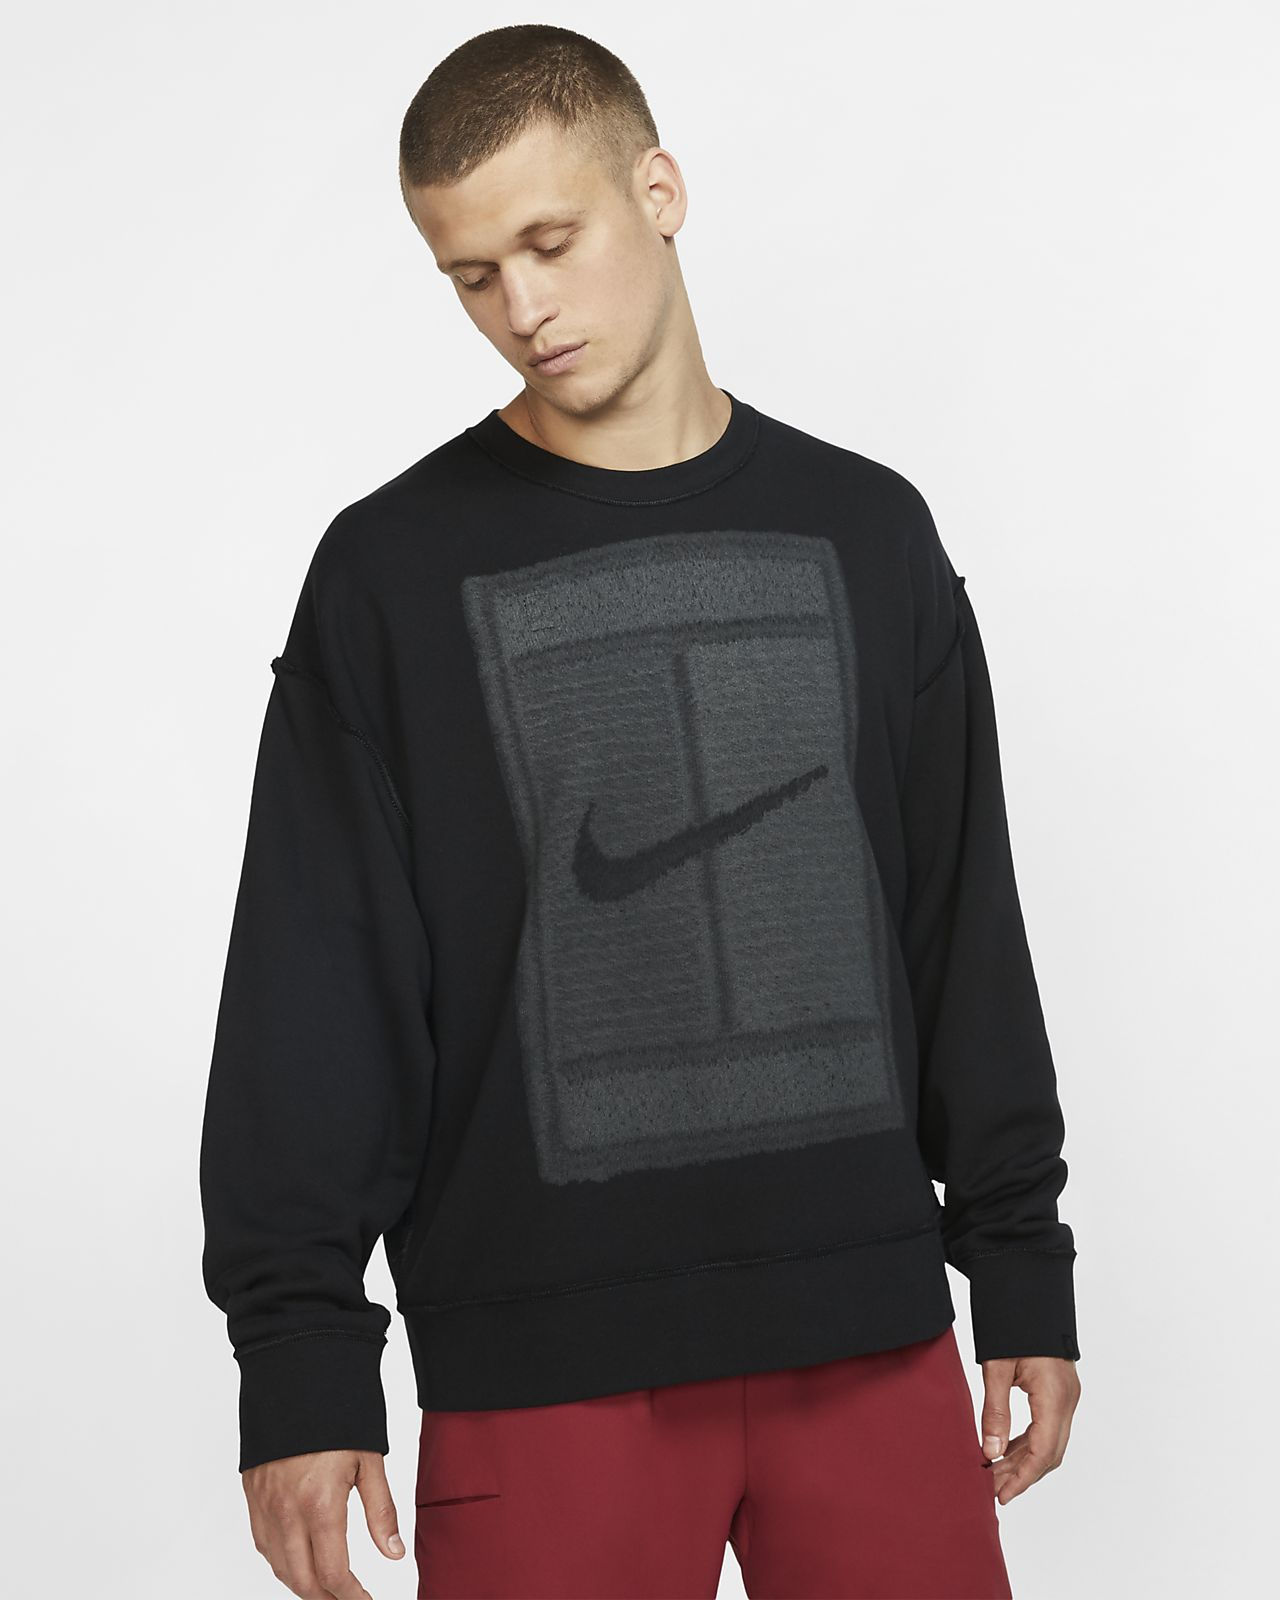 Camisola de ténis reversível em lã cardada NikeCourt para homem